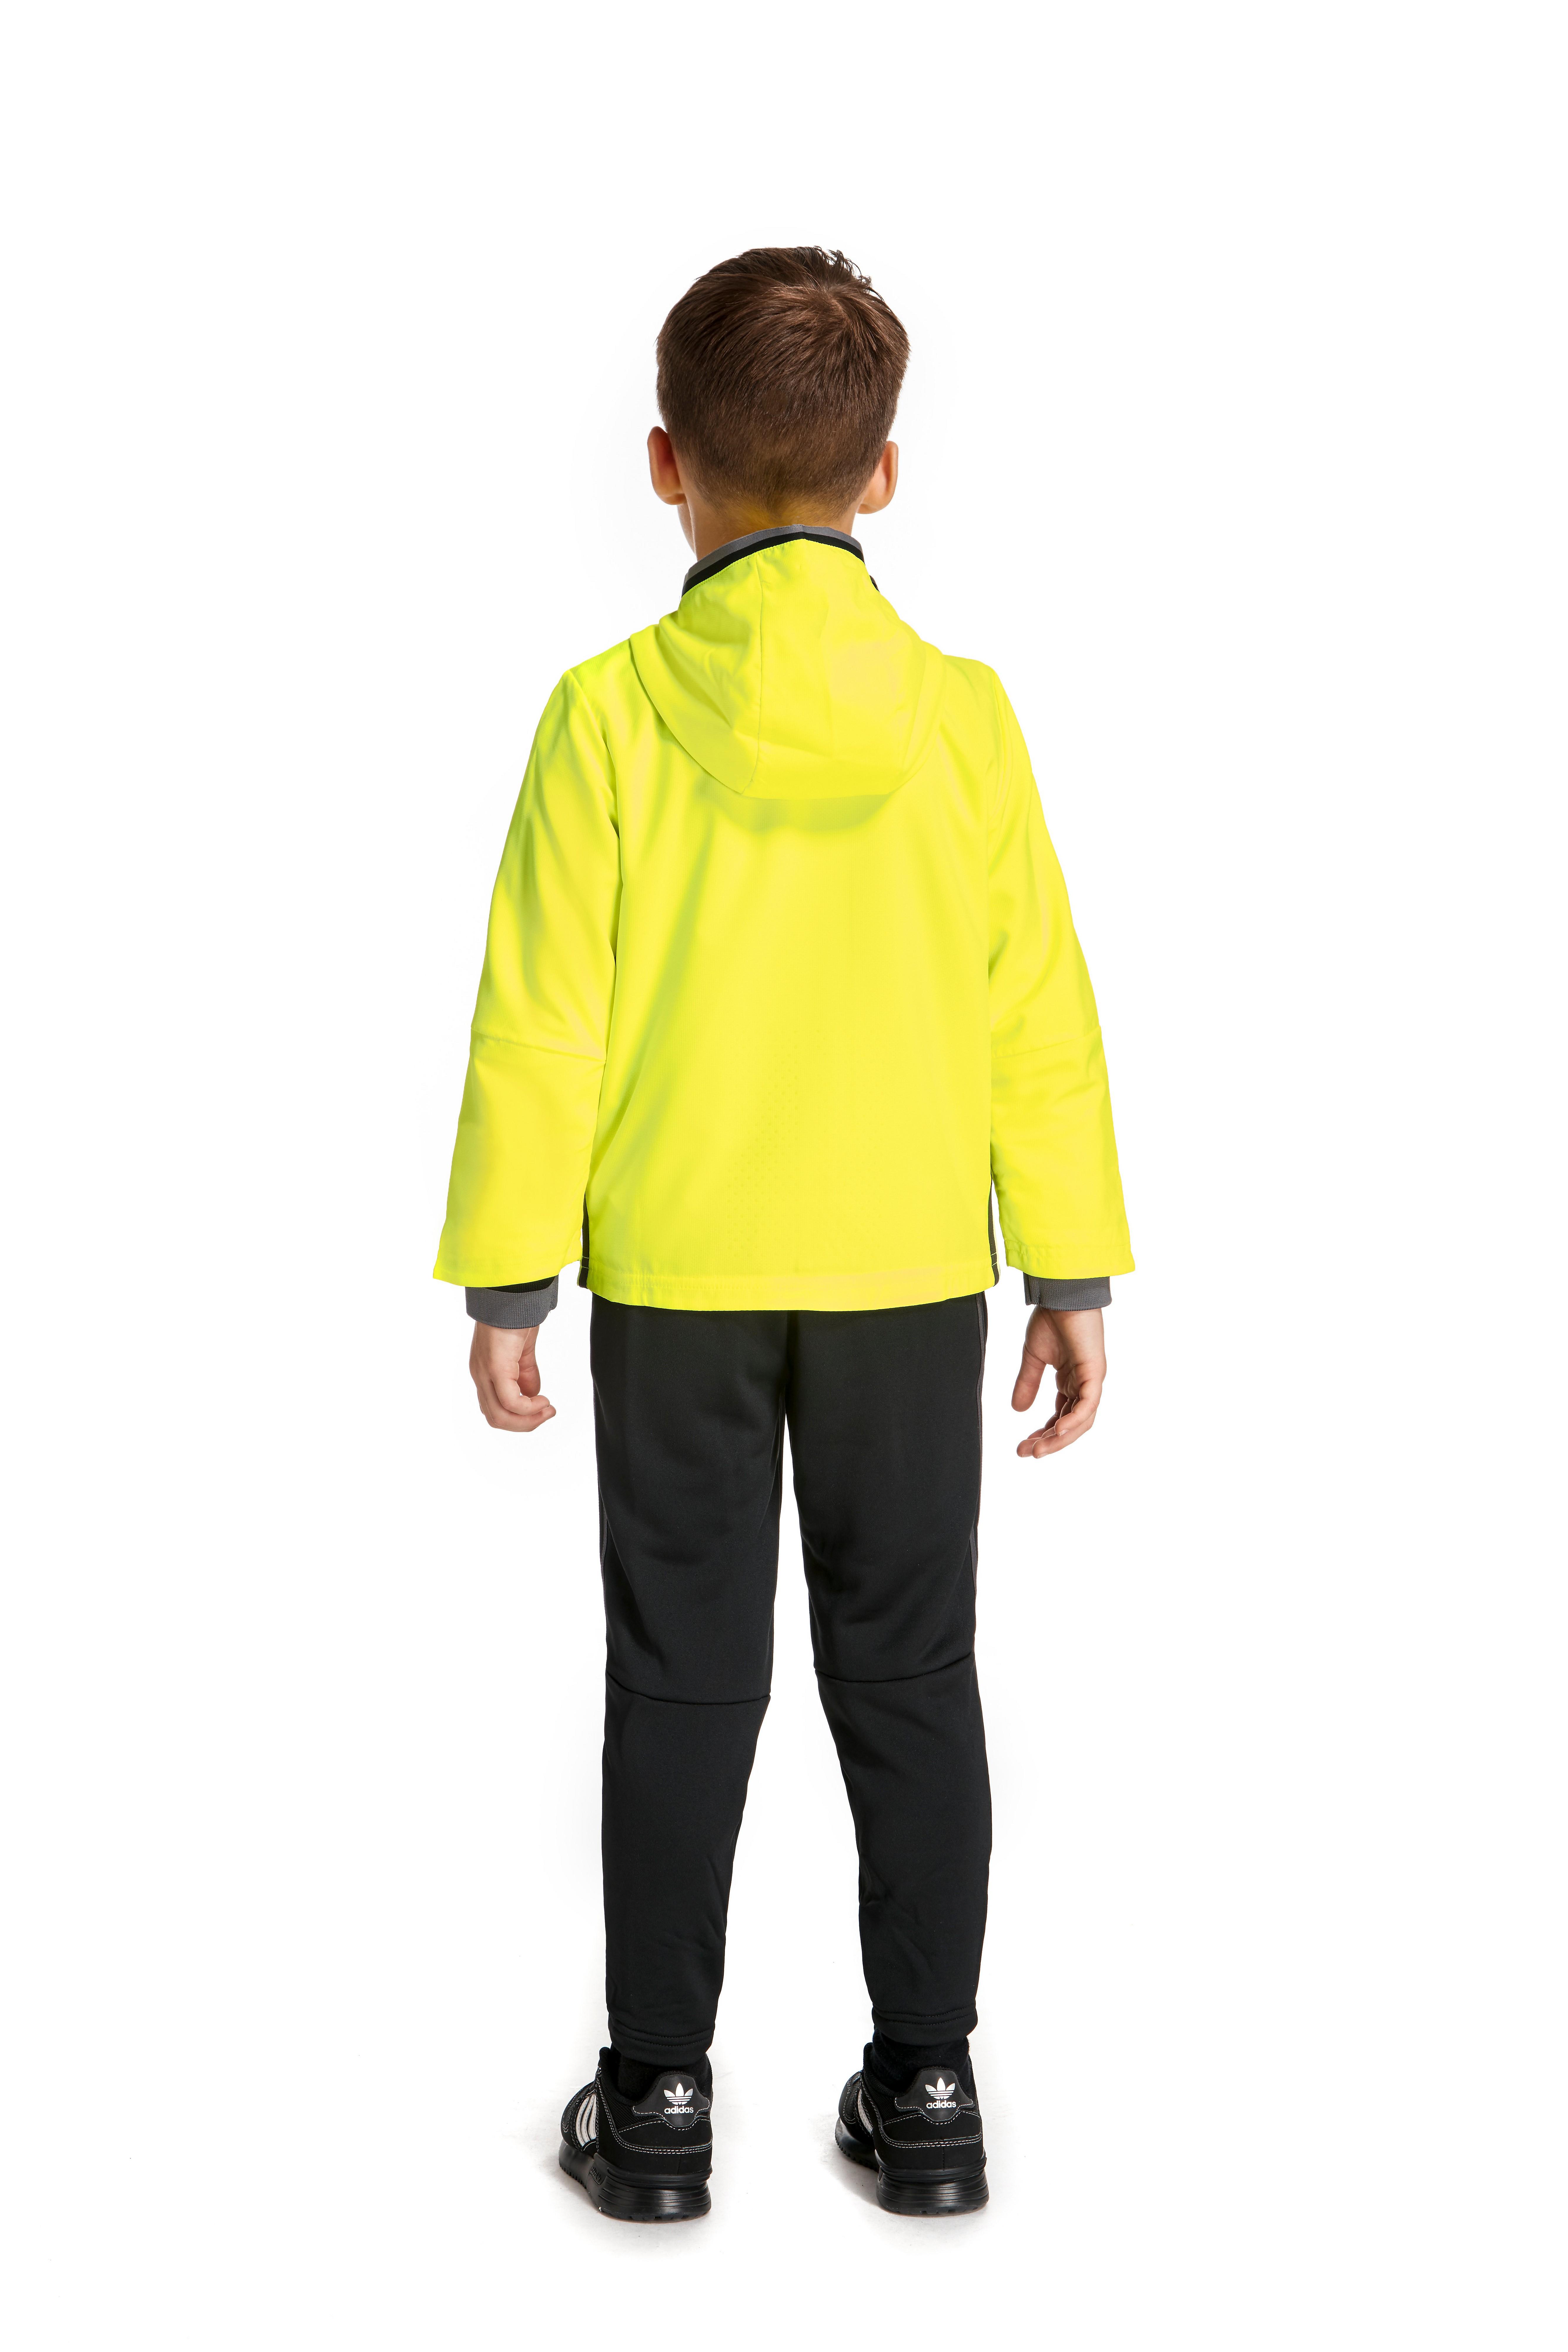 adidas Chelsea FC Pre Suit Childrens